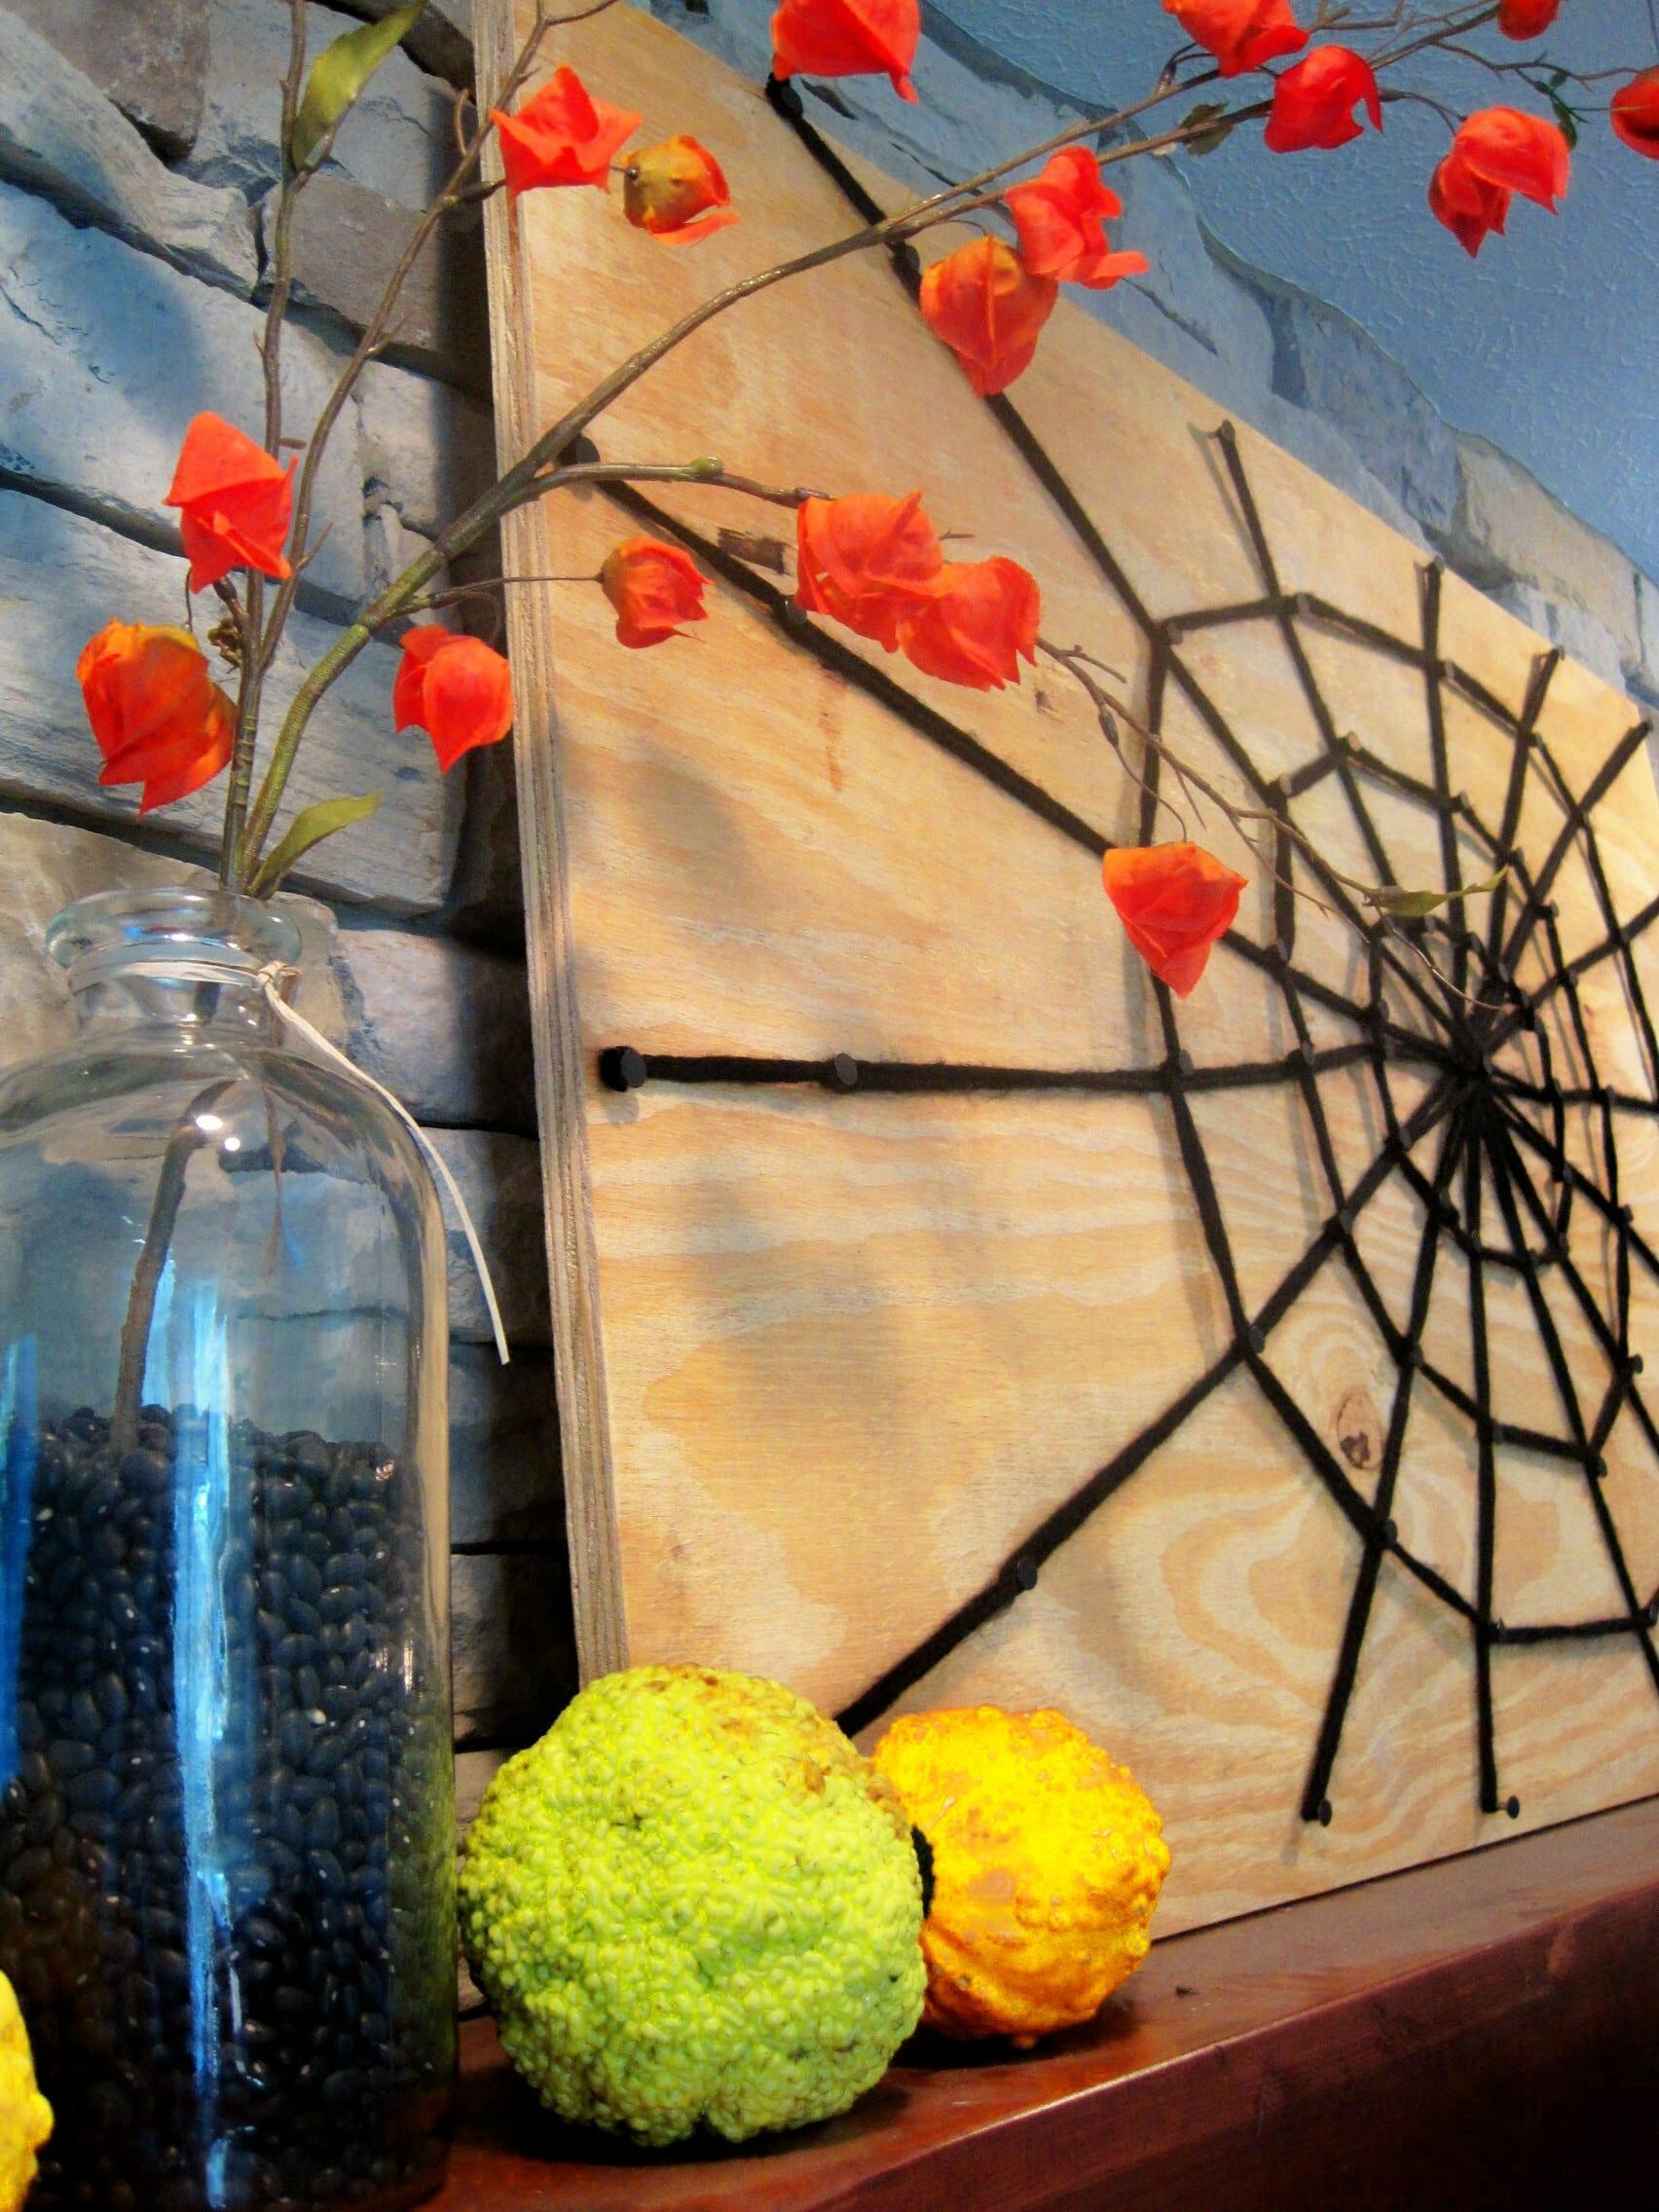 coole halloween ideen für DIY Halloween dekoration mit DIY Spinnengewebe aus strickgarn